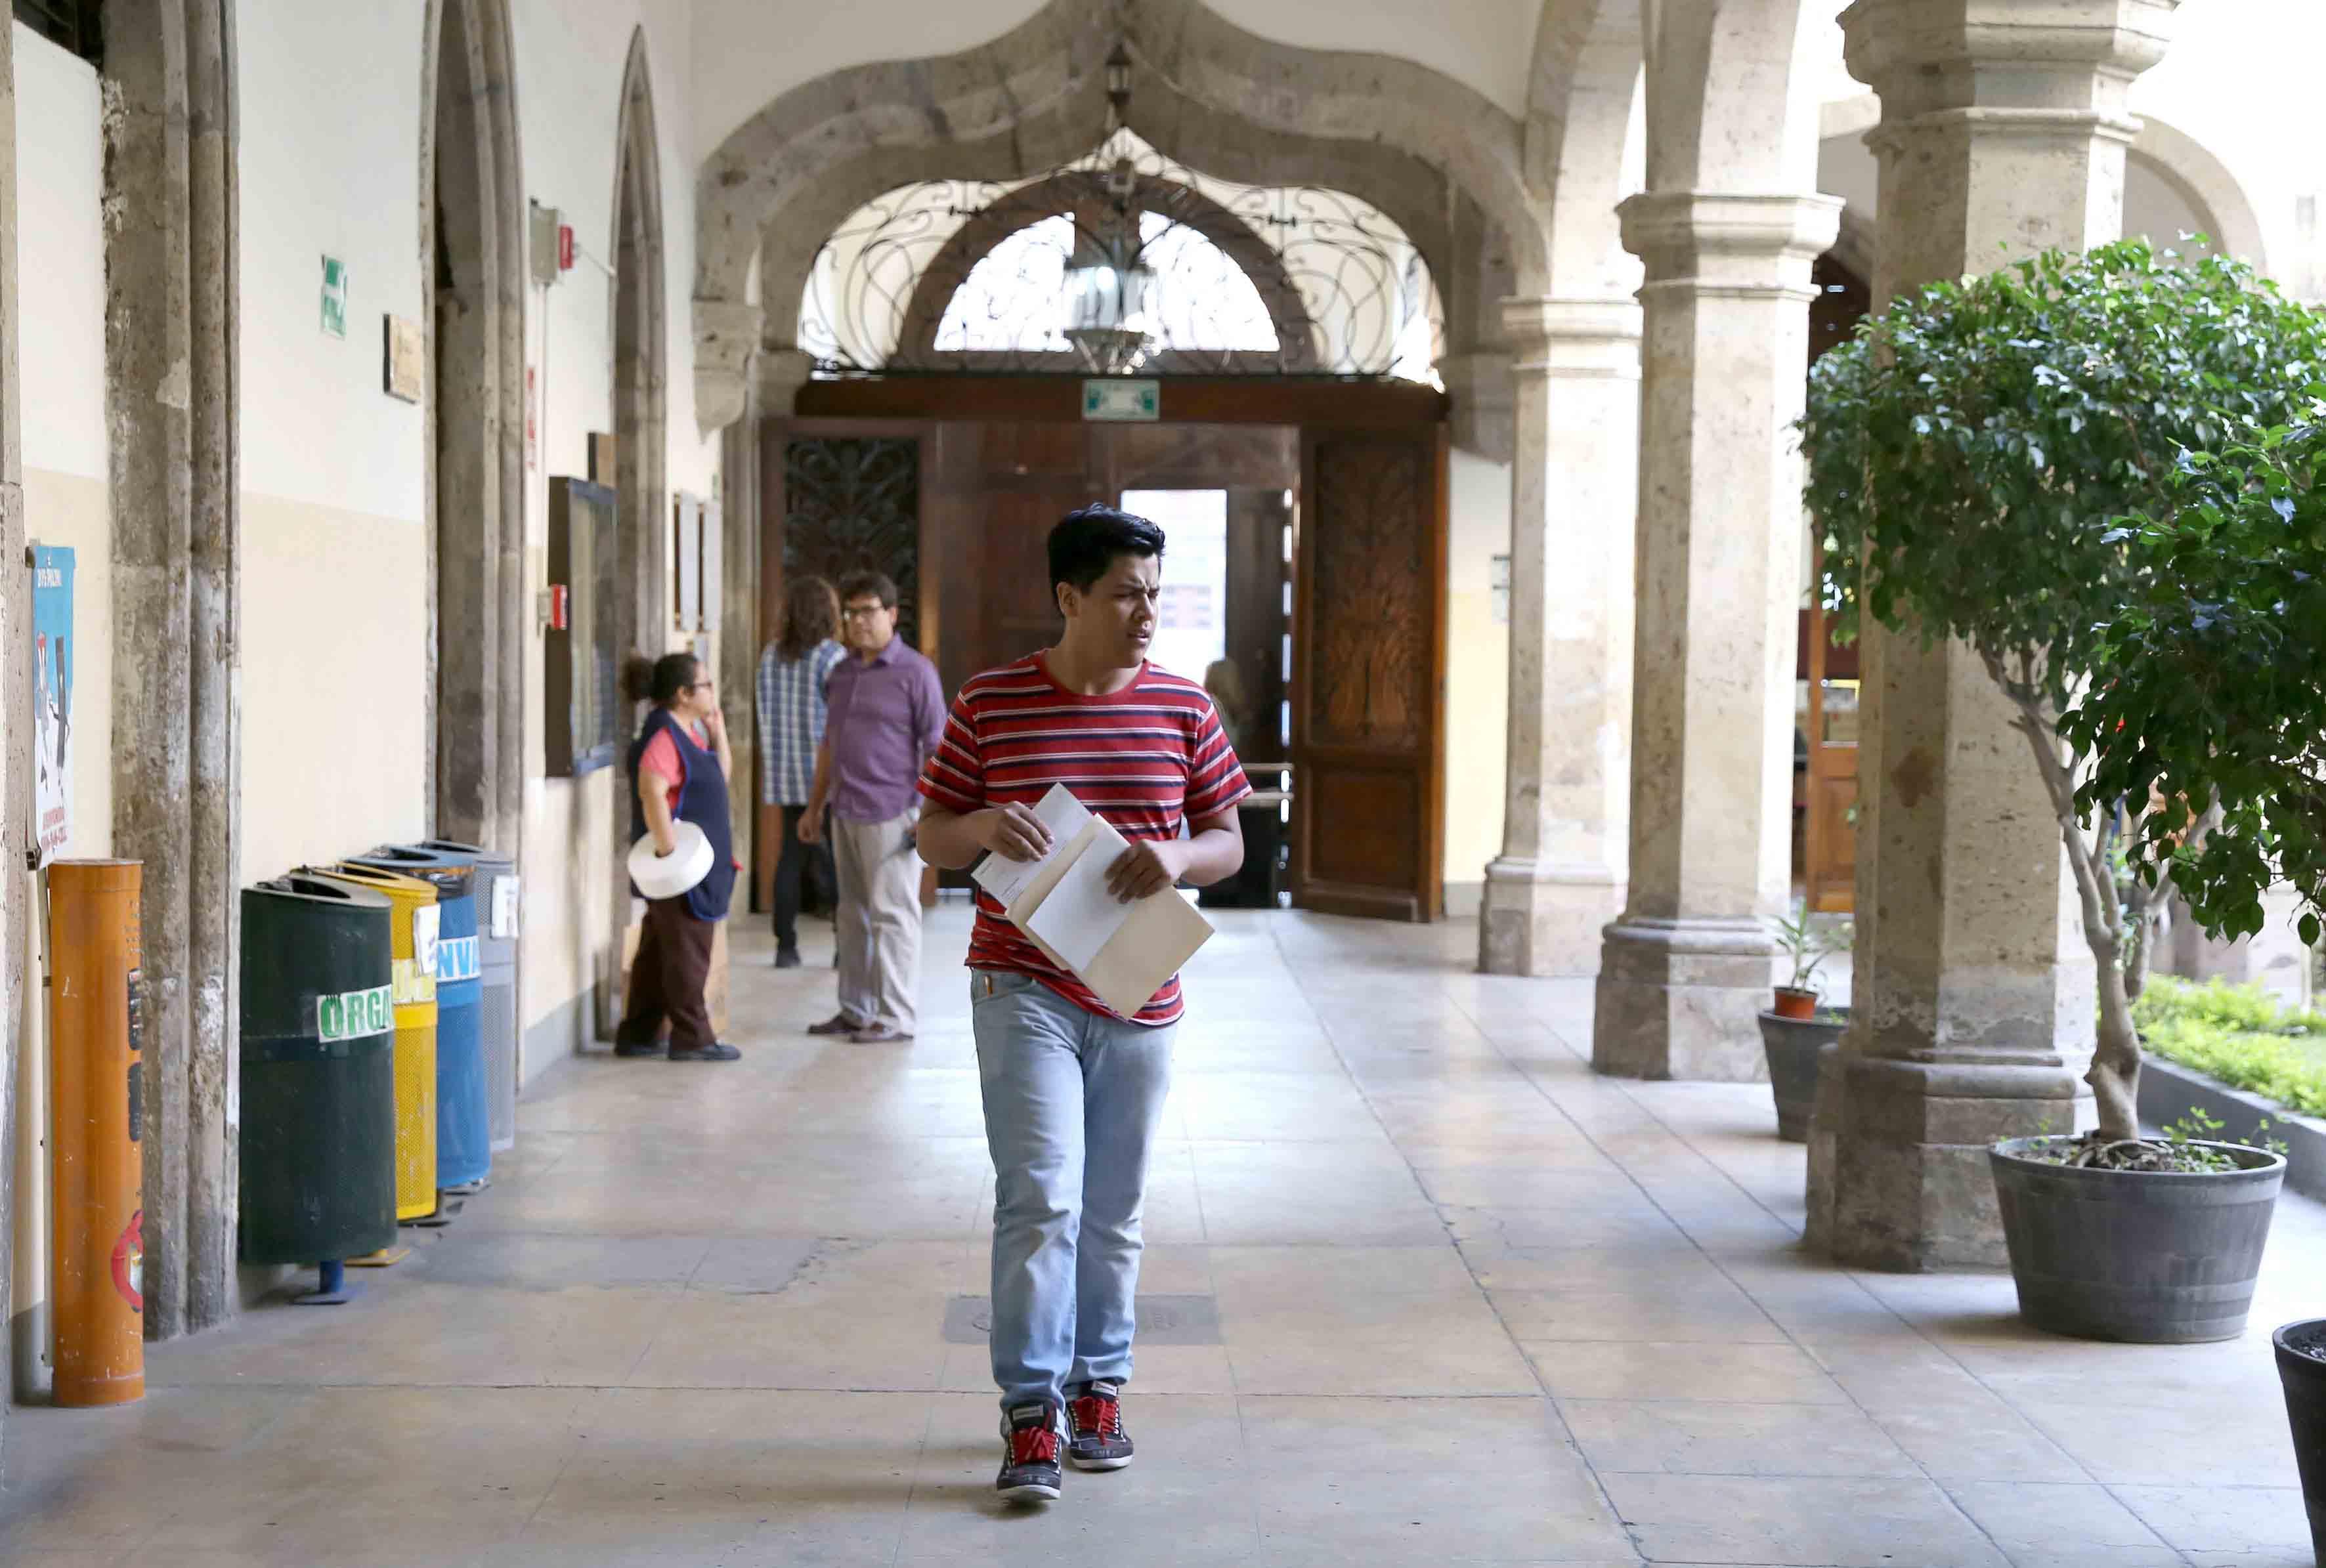 Aspirante a preparatoria, entrando a la preparatoria de Jalisco, con su carpeta de documentos y solicitud para hacer el examen Piense II.